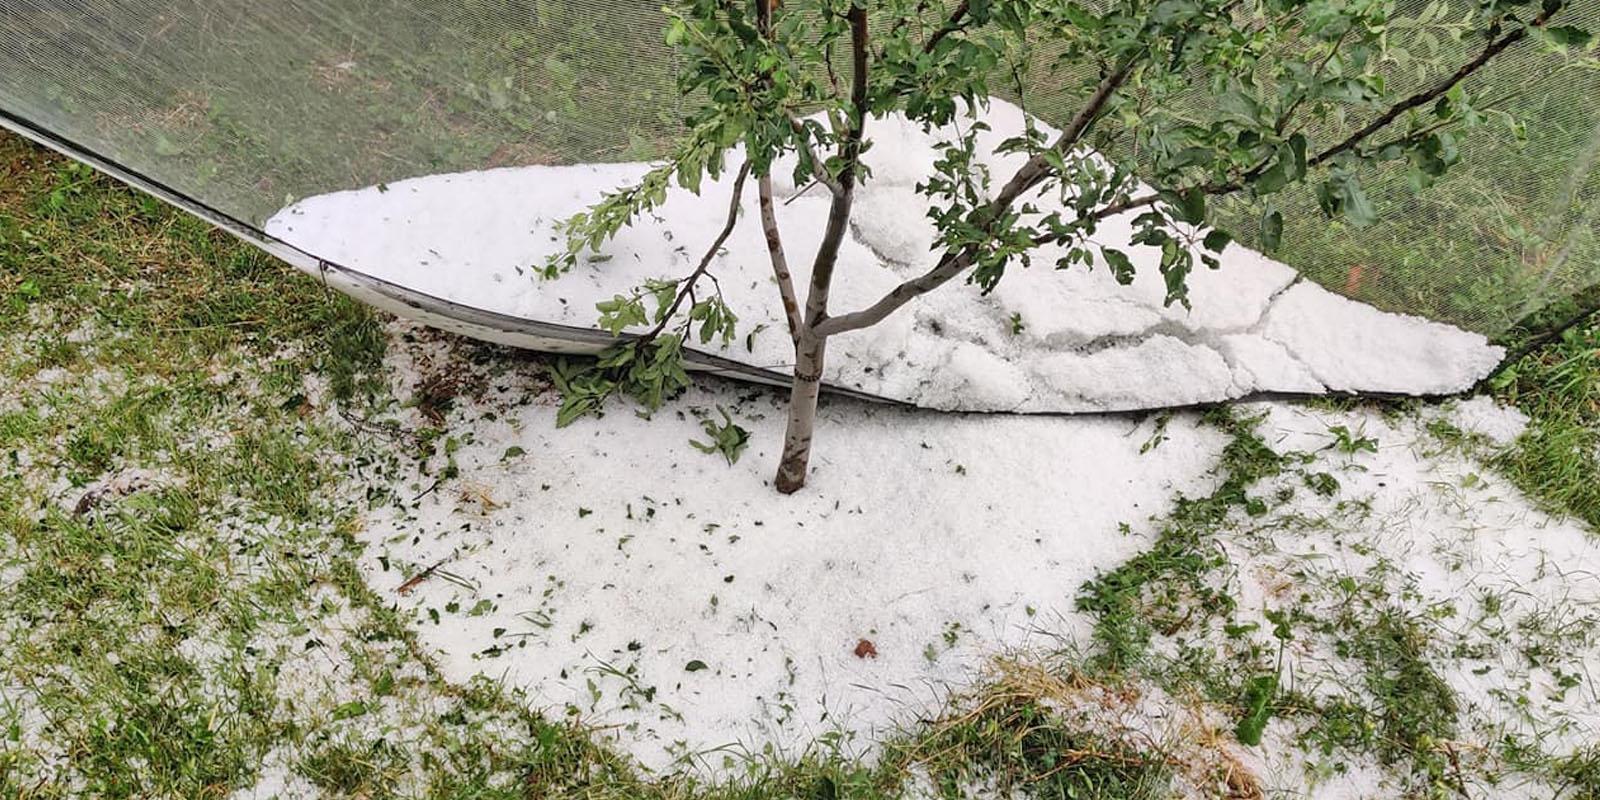 hailstorm damages apple crop